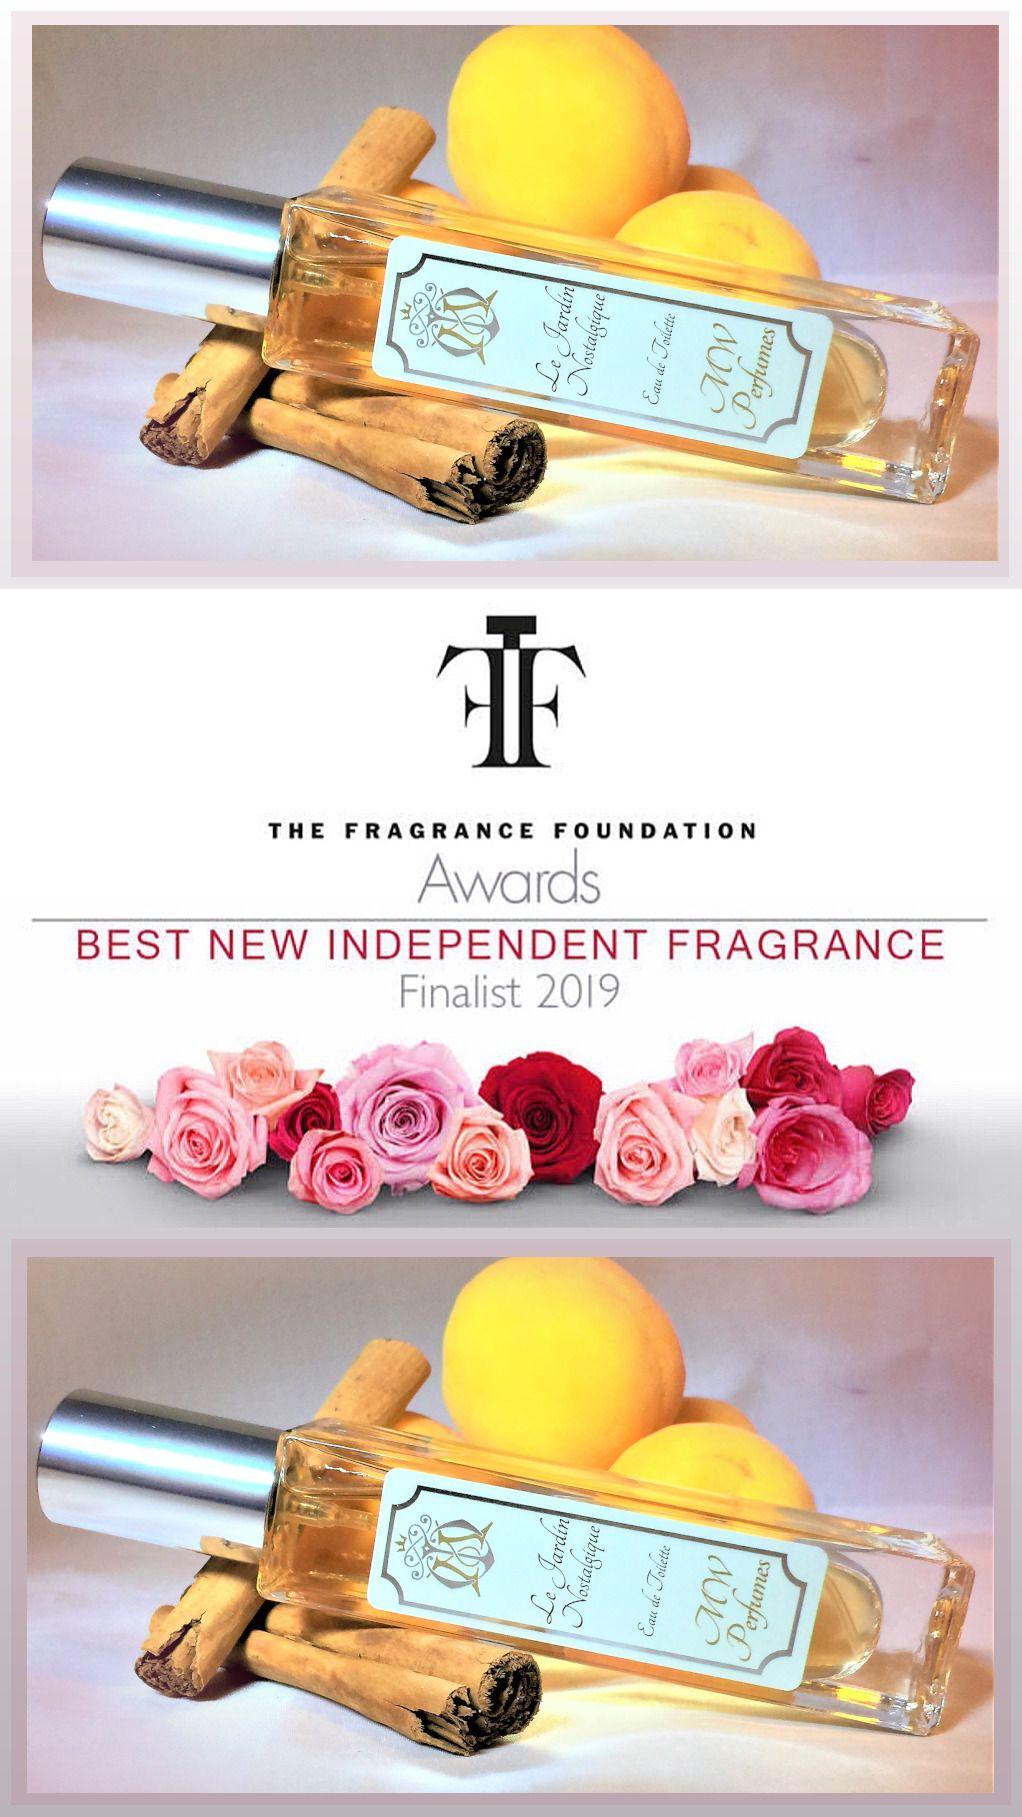 Best Natural Perfumes 2019 Le Jardin Nostalgique, Eau de Toilette, Natural Perfume, MW